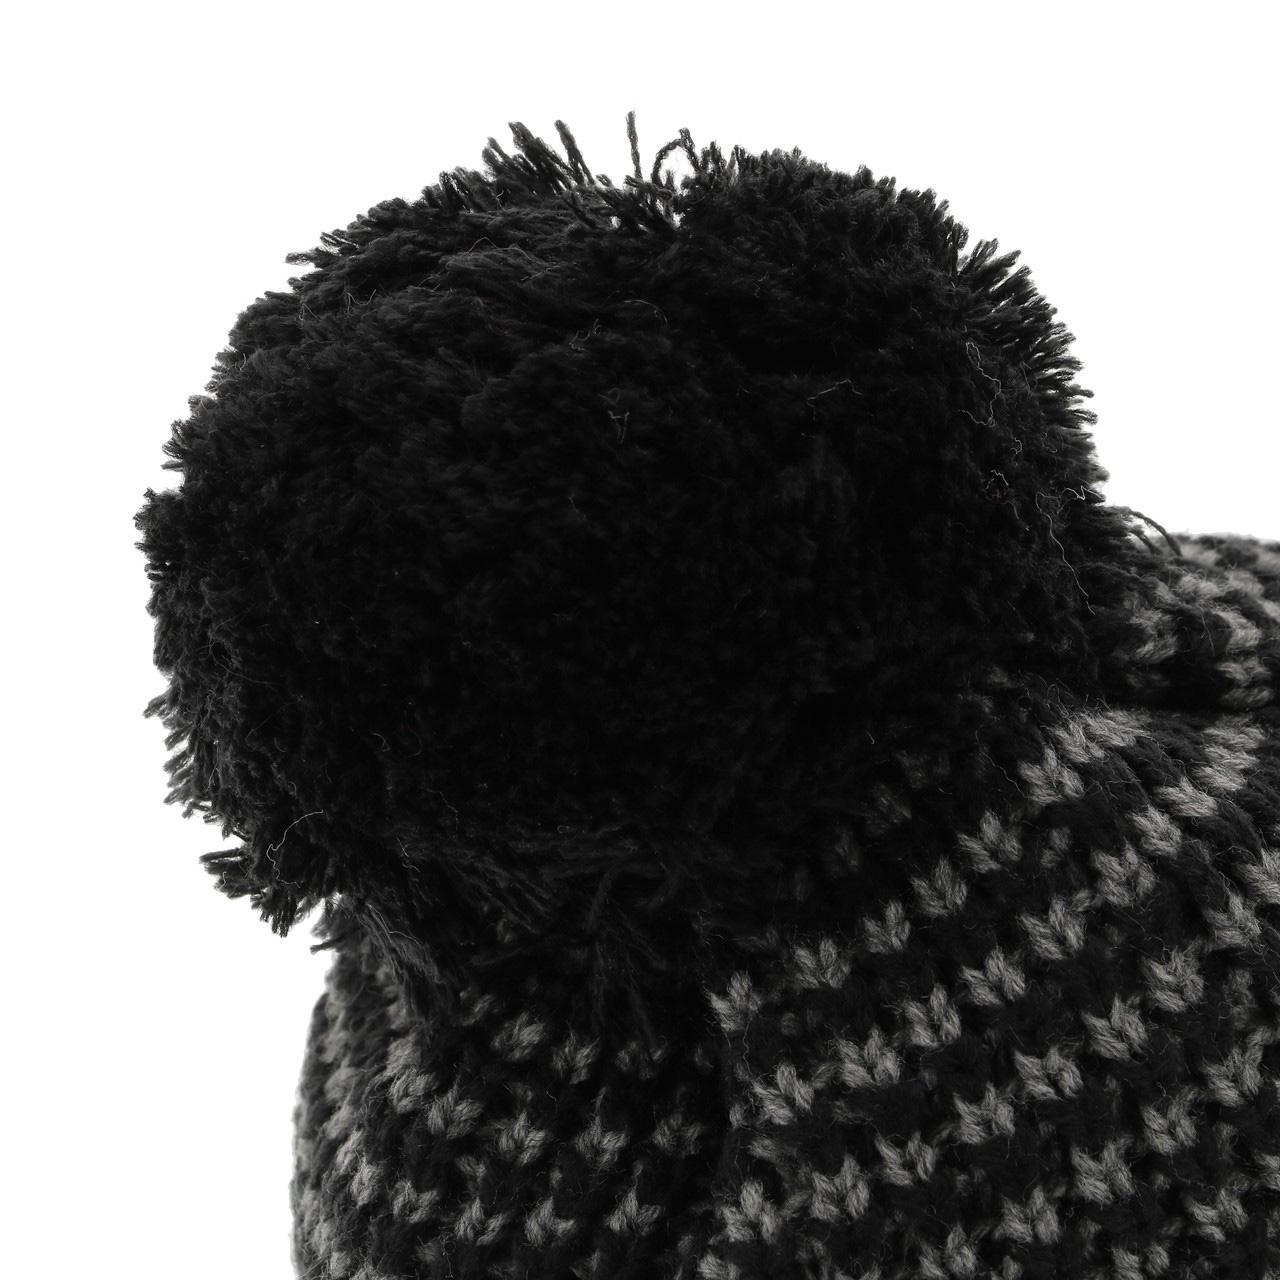 Bonnet-a-pompon-Picture-Ale-beanie-grey-Gris-14177-Neuf miniature 4